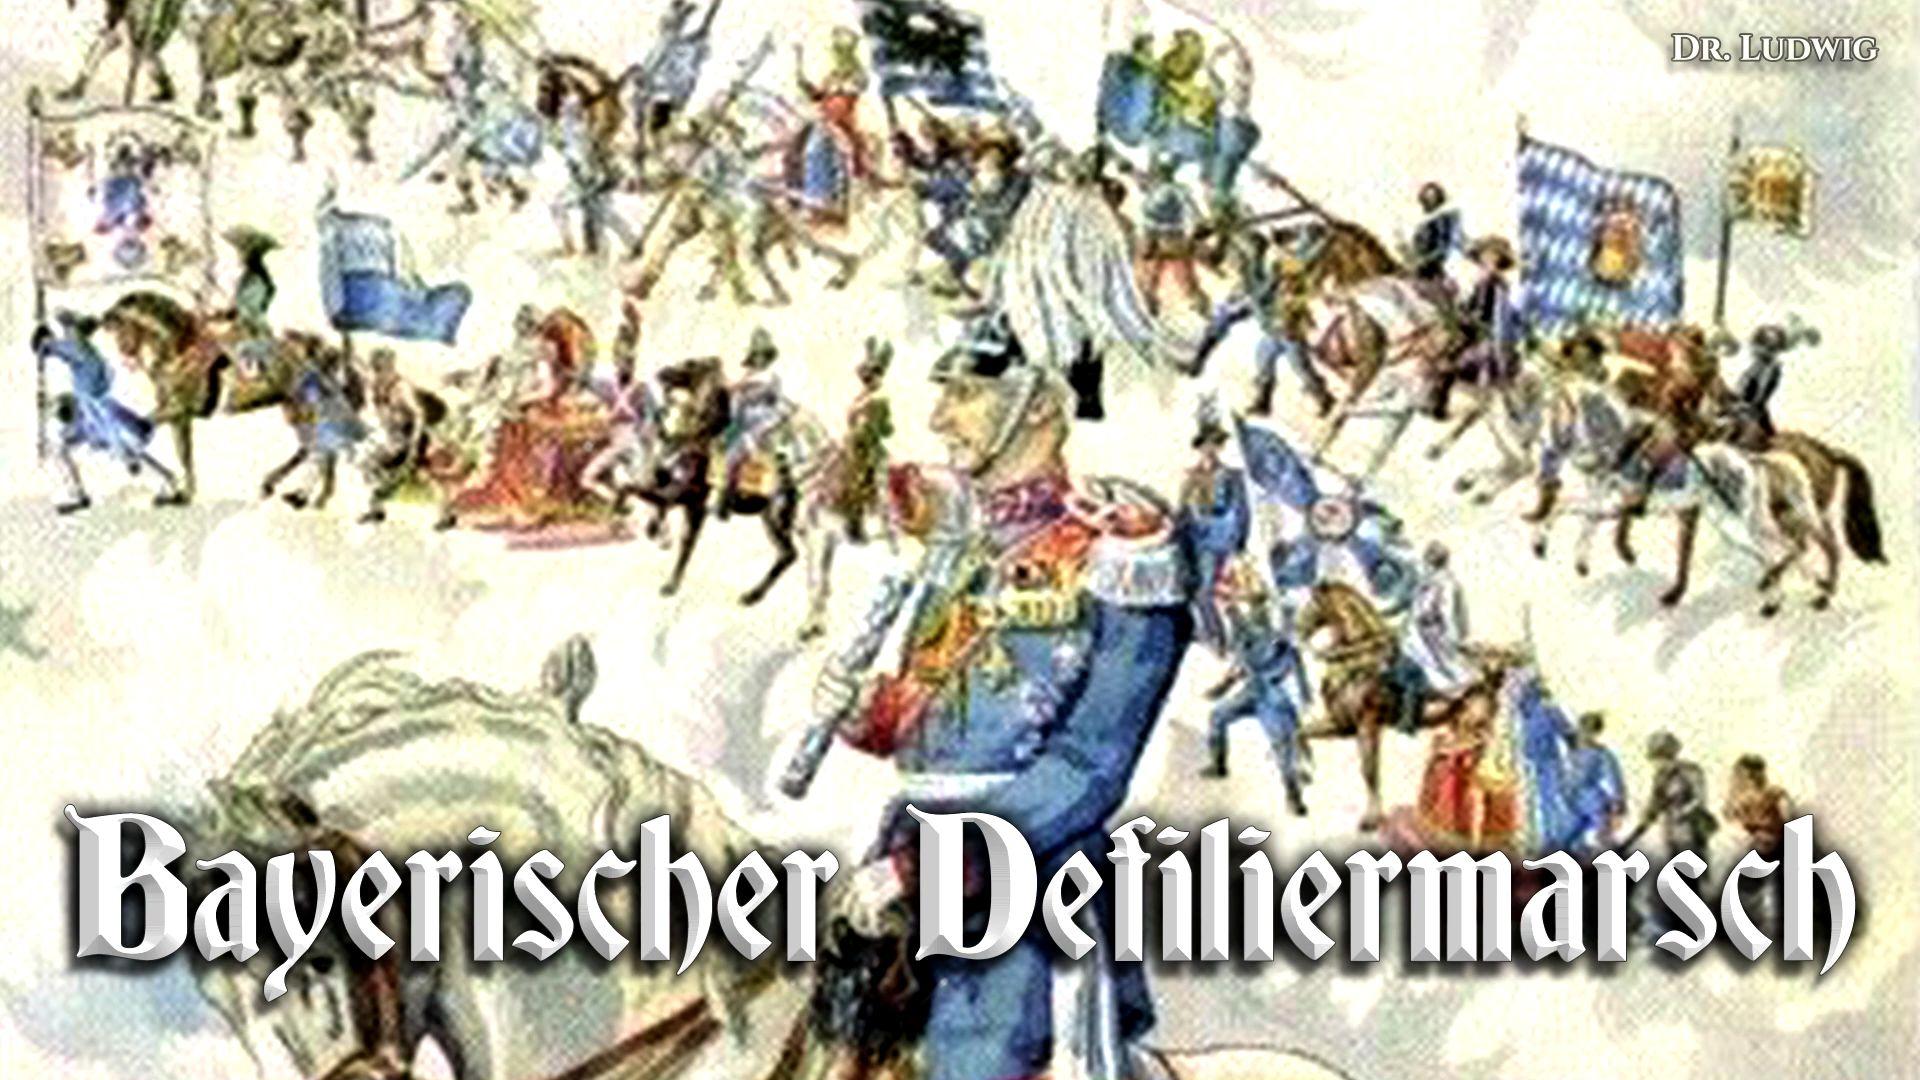 Bayerischer Defiliermarsch[巴伐利亚分列式进行曲][巴伐利亚进行曲]